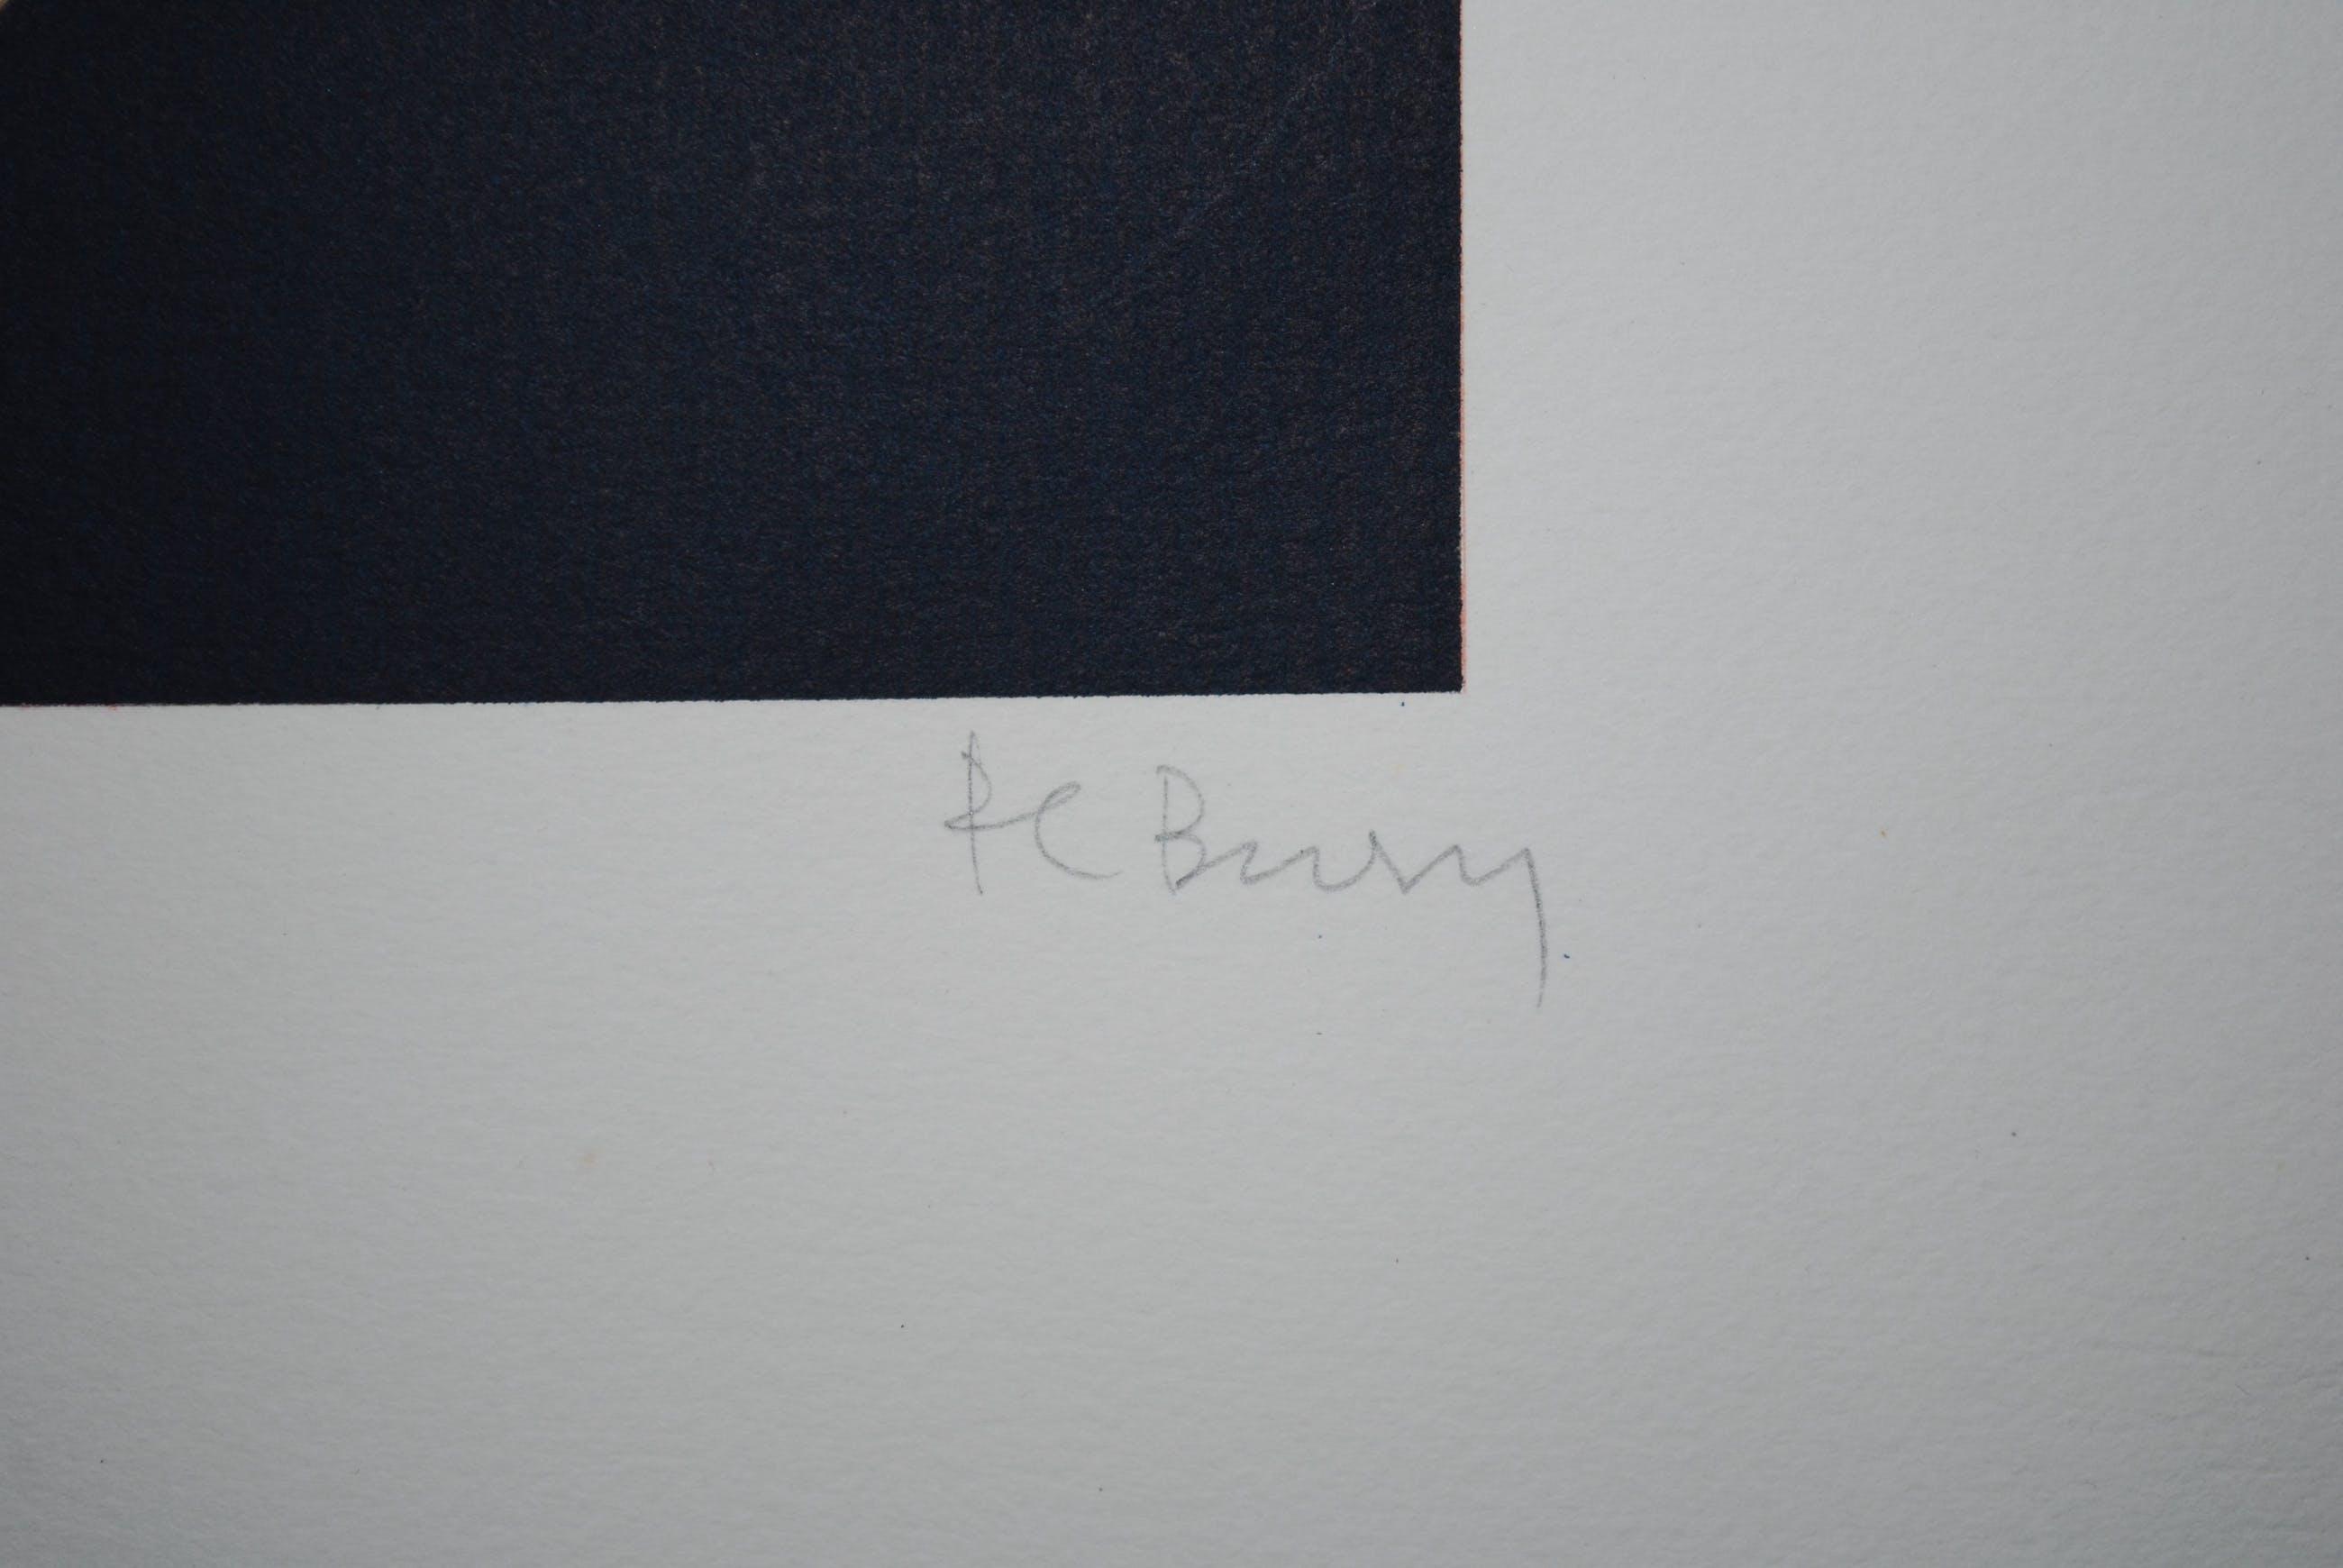 Pol Bury - 40 BÂTONS et 1 CERCLE -Litho, oplage 75 ex. -signatuur, nummer, titel in potlood kopen? Bied vanaf 200!